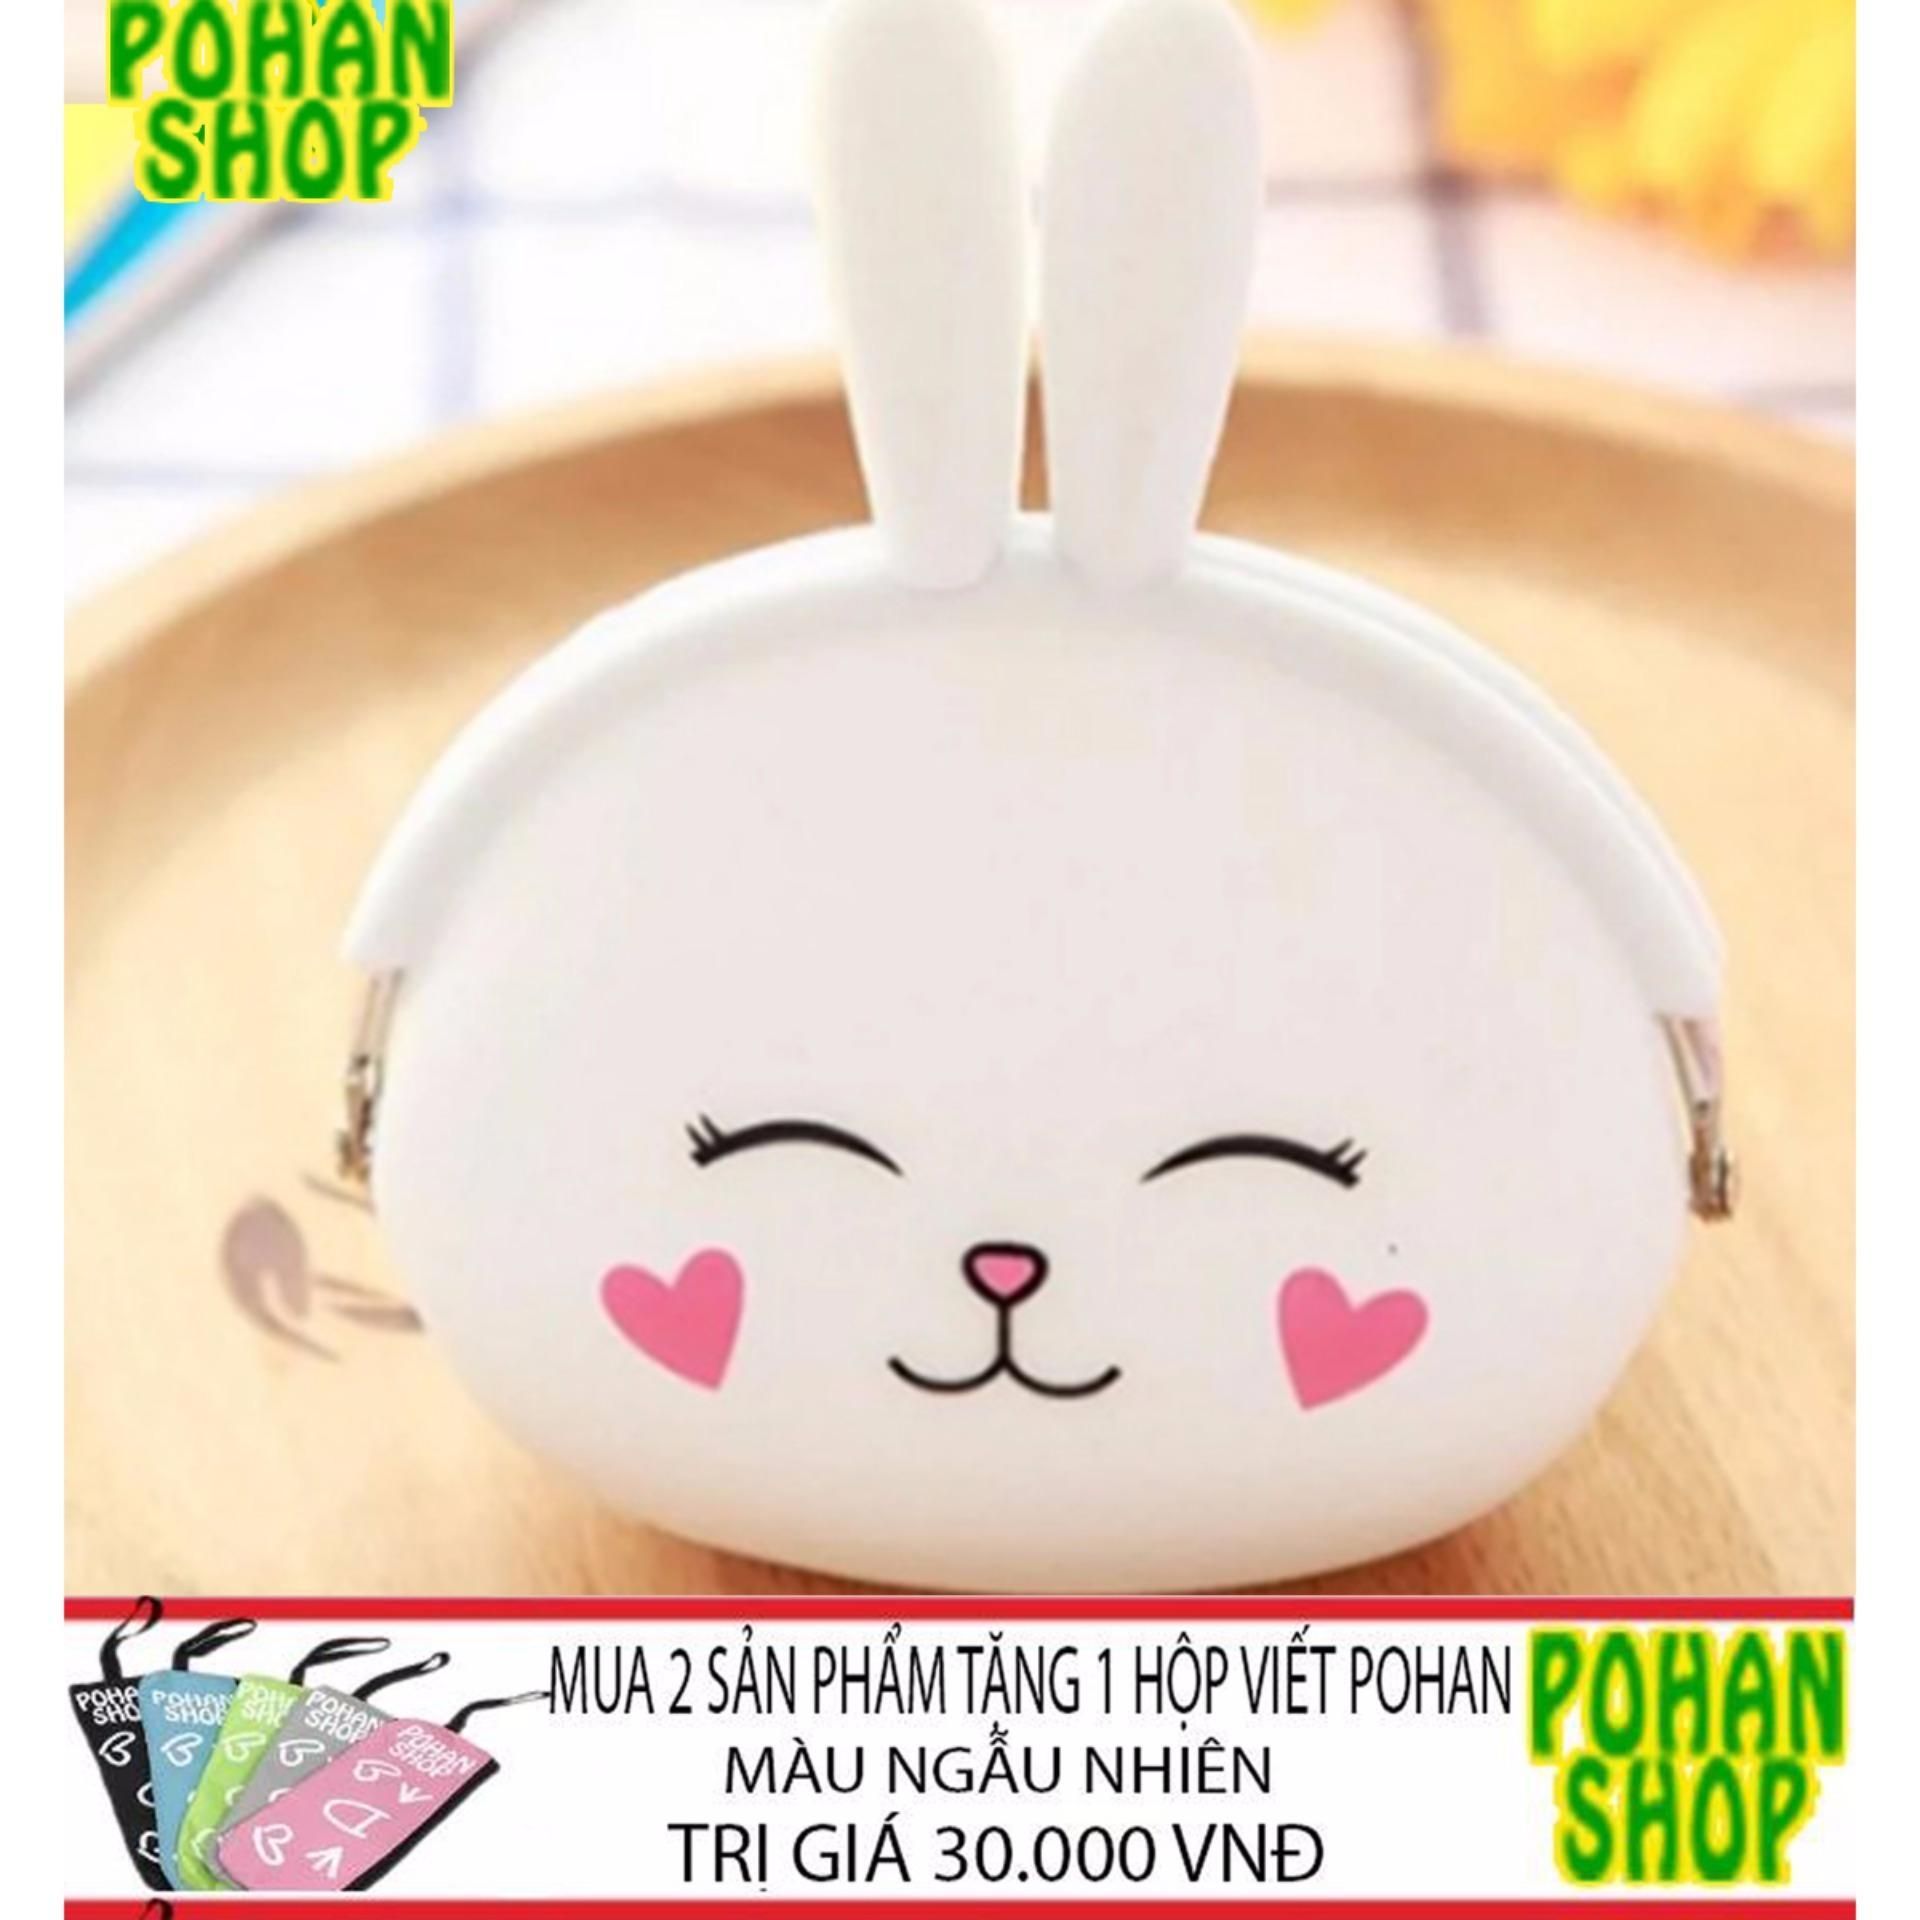 Bóp Ví Nữ Silicon Nhỏ Xinh POHAN SL3 (Thỏ Trắng)- tặng ví khi mua 2SP